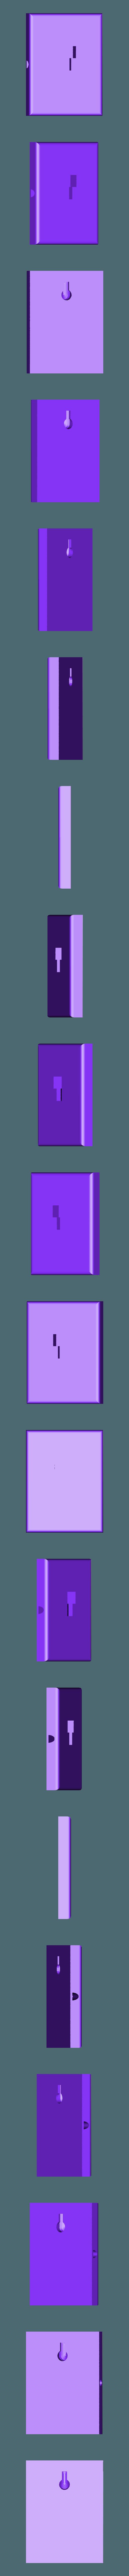 TopRight.STL Télécharger fichier STL gratuit Échiquier vertical, alias l'Échiquier à l'épreuve des chats • Design à imprimer en 3D, SSilver